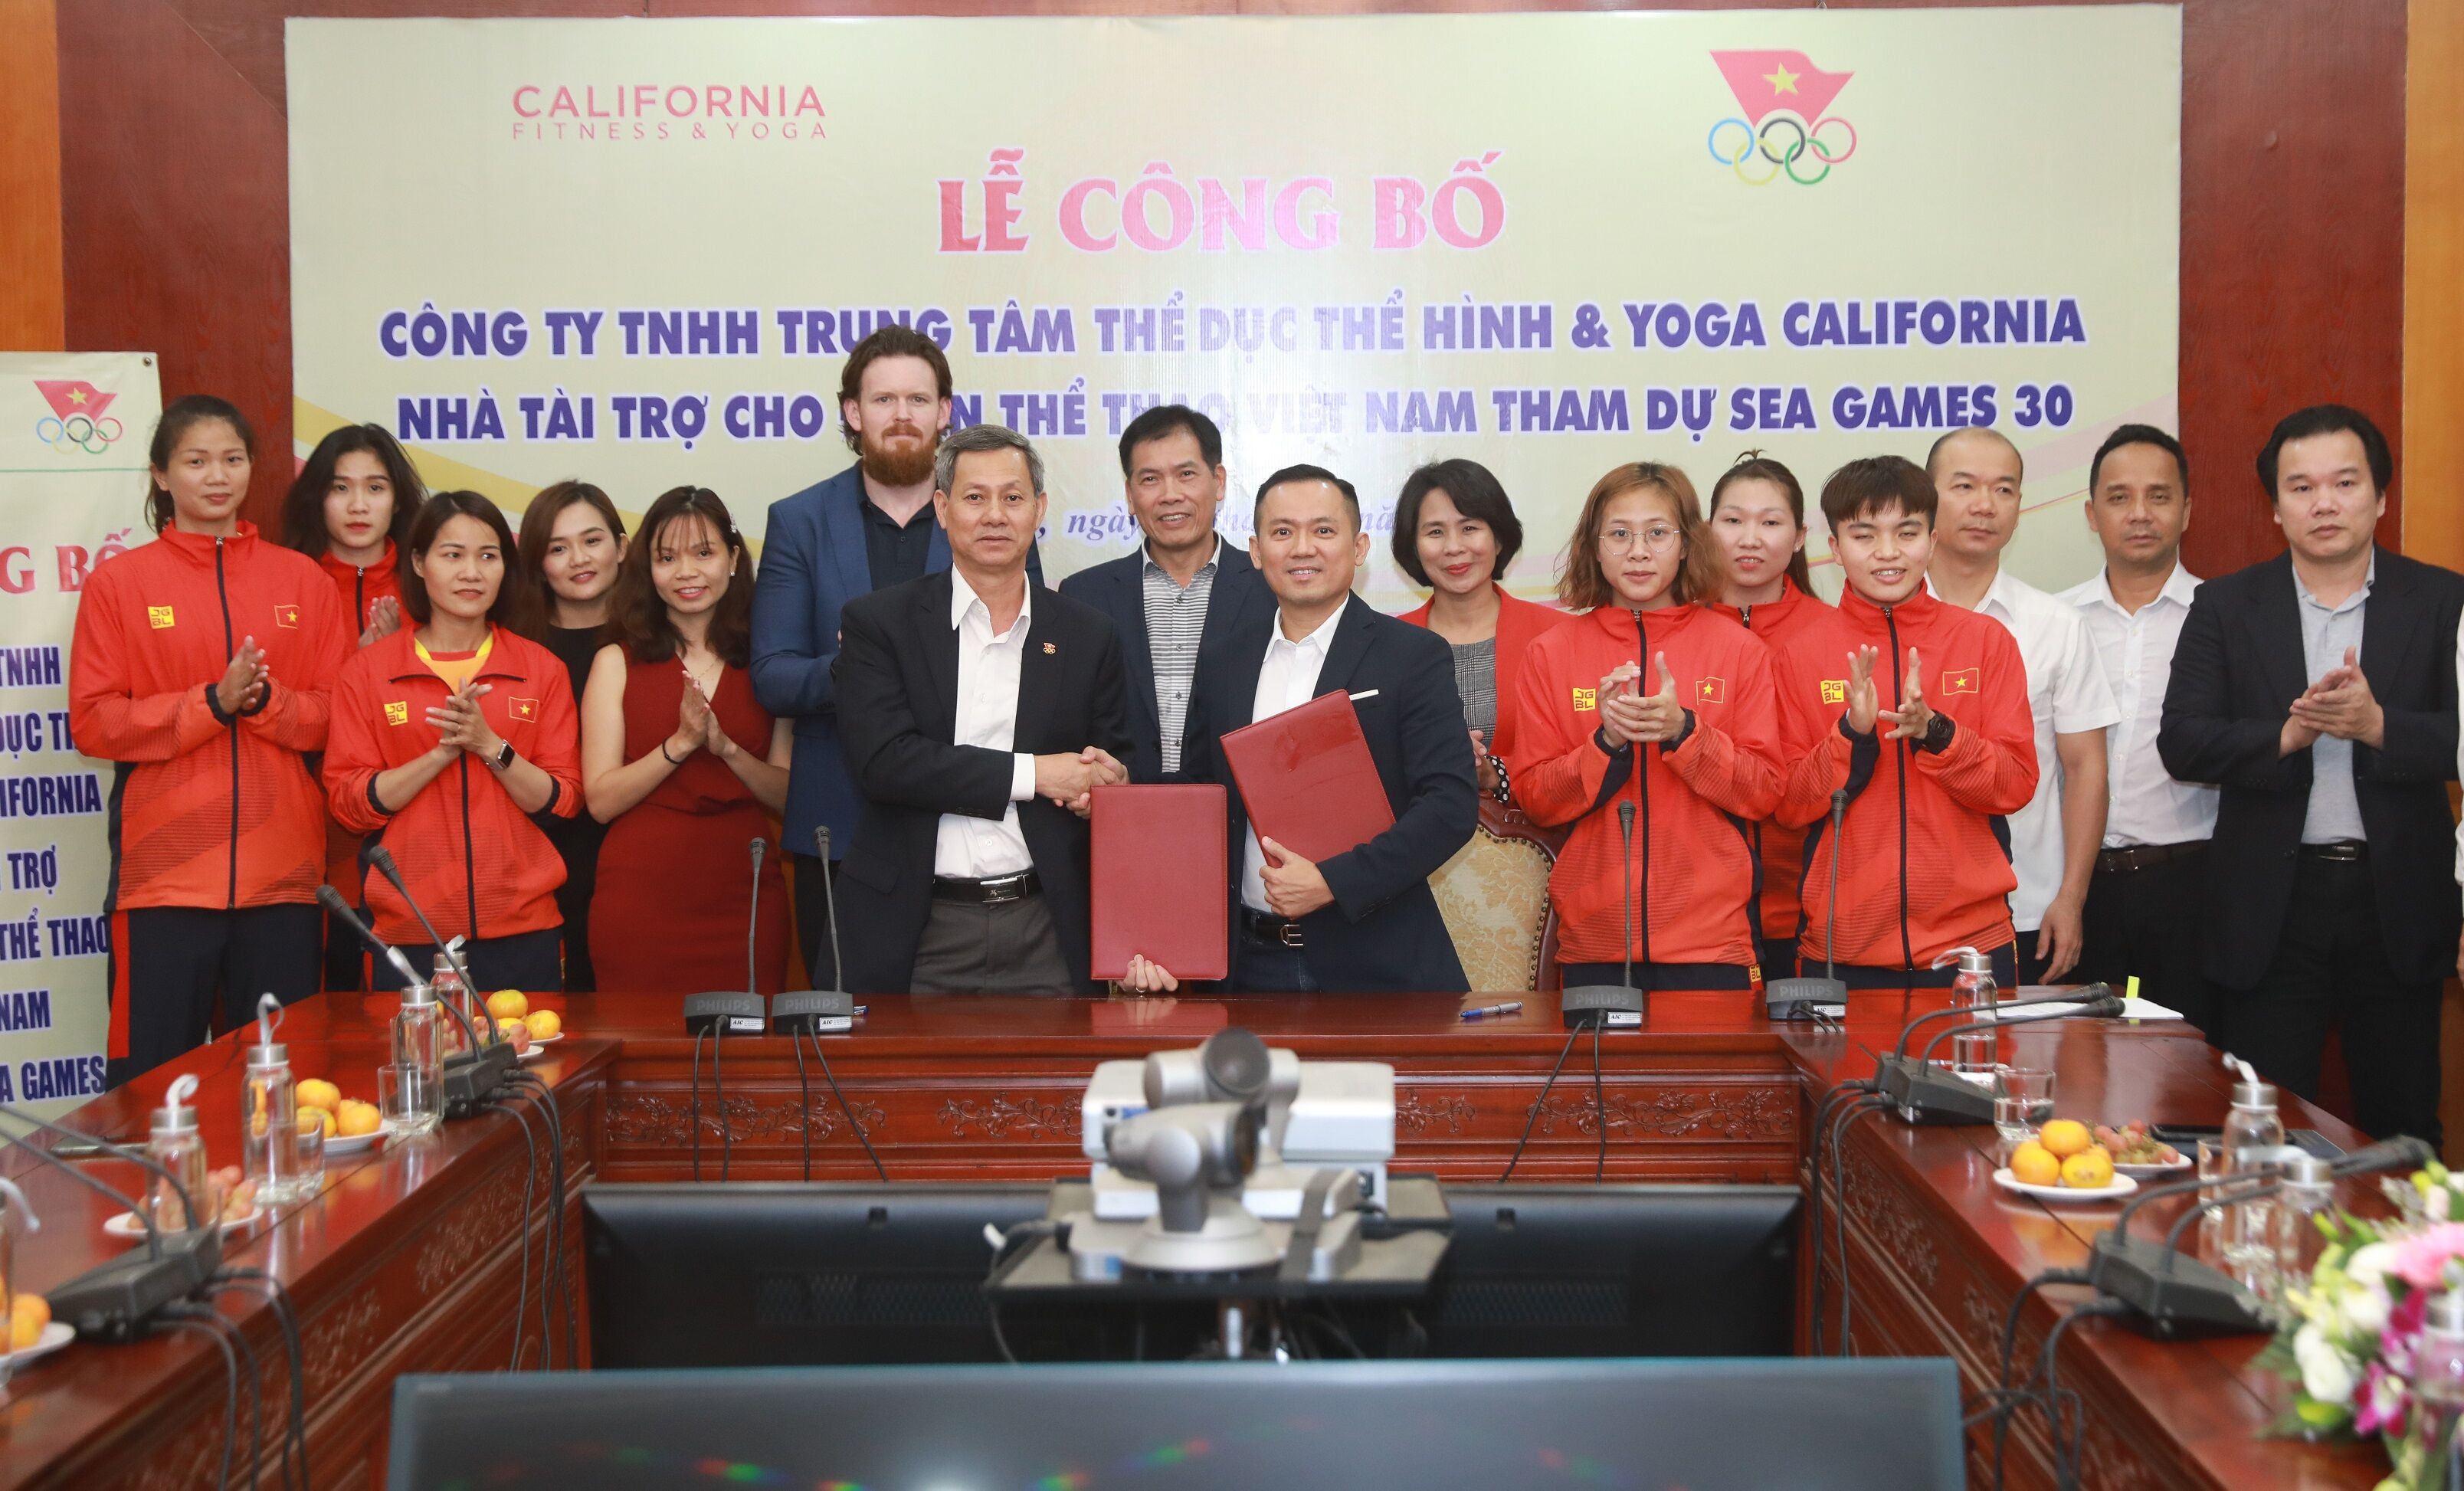 Đoàn thể thao Việt Nam nhận tài trợ trước ngày xuất quân cho SEA Games 30